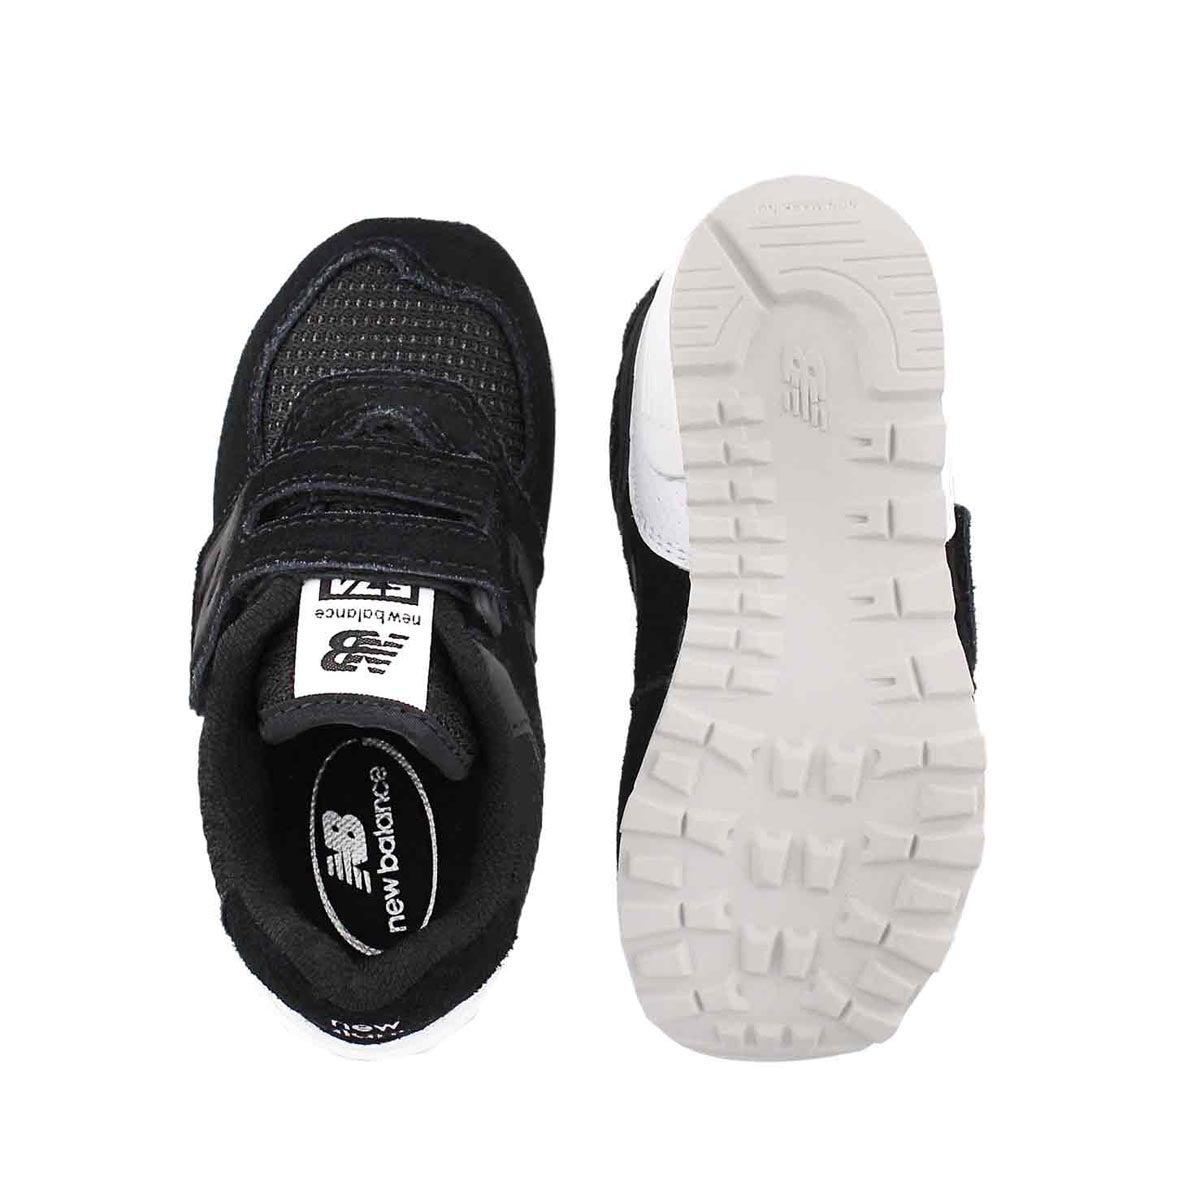 Infs 574 black/white sneaker